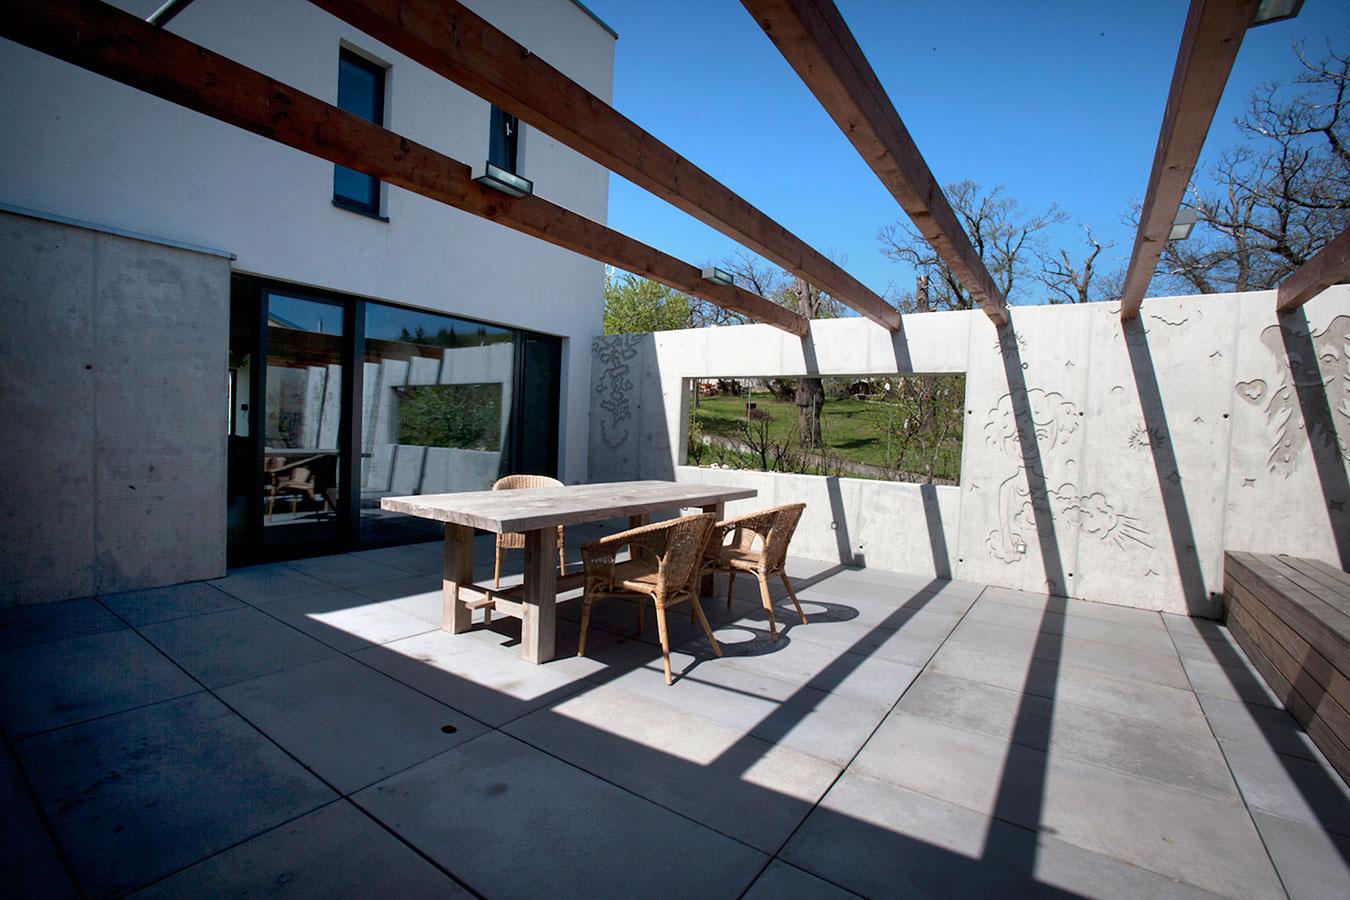 Severná terasa či skôr patio chránené stenami z grafického betónu poskytuje v lete príjemný tieň. Drevená konštrukcia nad terasou je naplánovaná ako opora pre vistériu, ktorá tu časom vytvorí ešte príjemnejšiu mikroklímu.